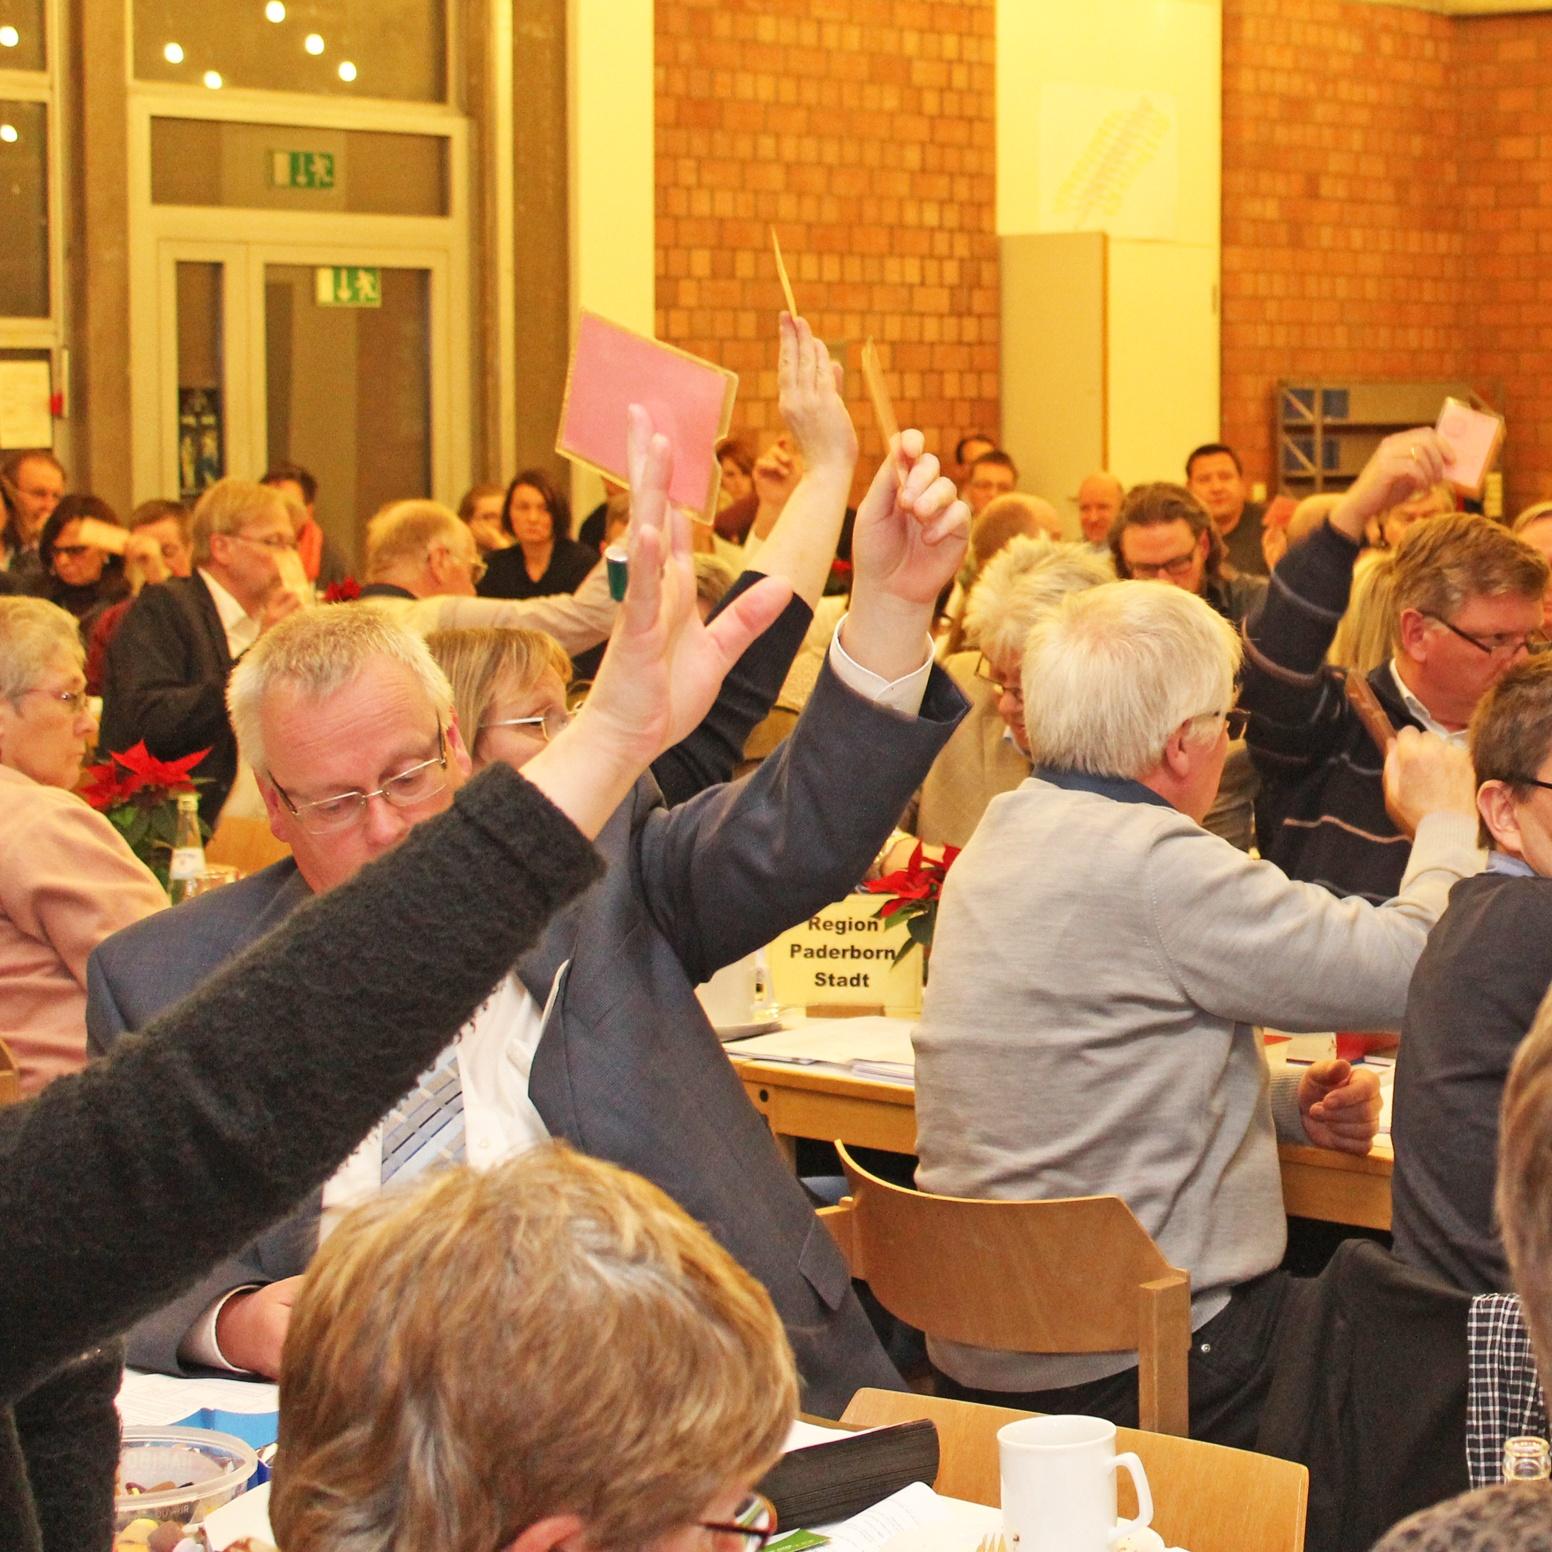 Evangelischer Kirchenkreis Paderborn tagt in Warburg-Herlinghausen Kreissynode am 9. Juni vertritt 80.000 Protestanten